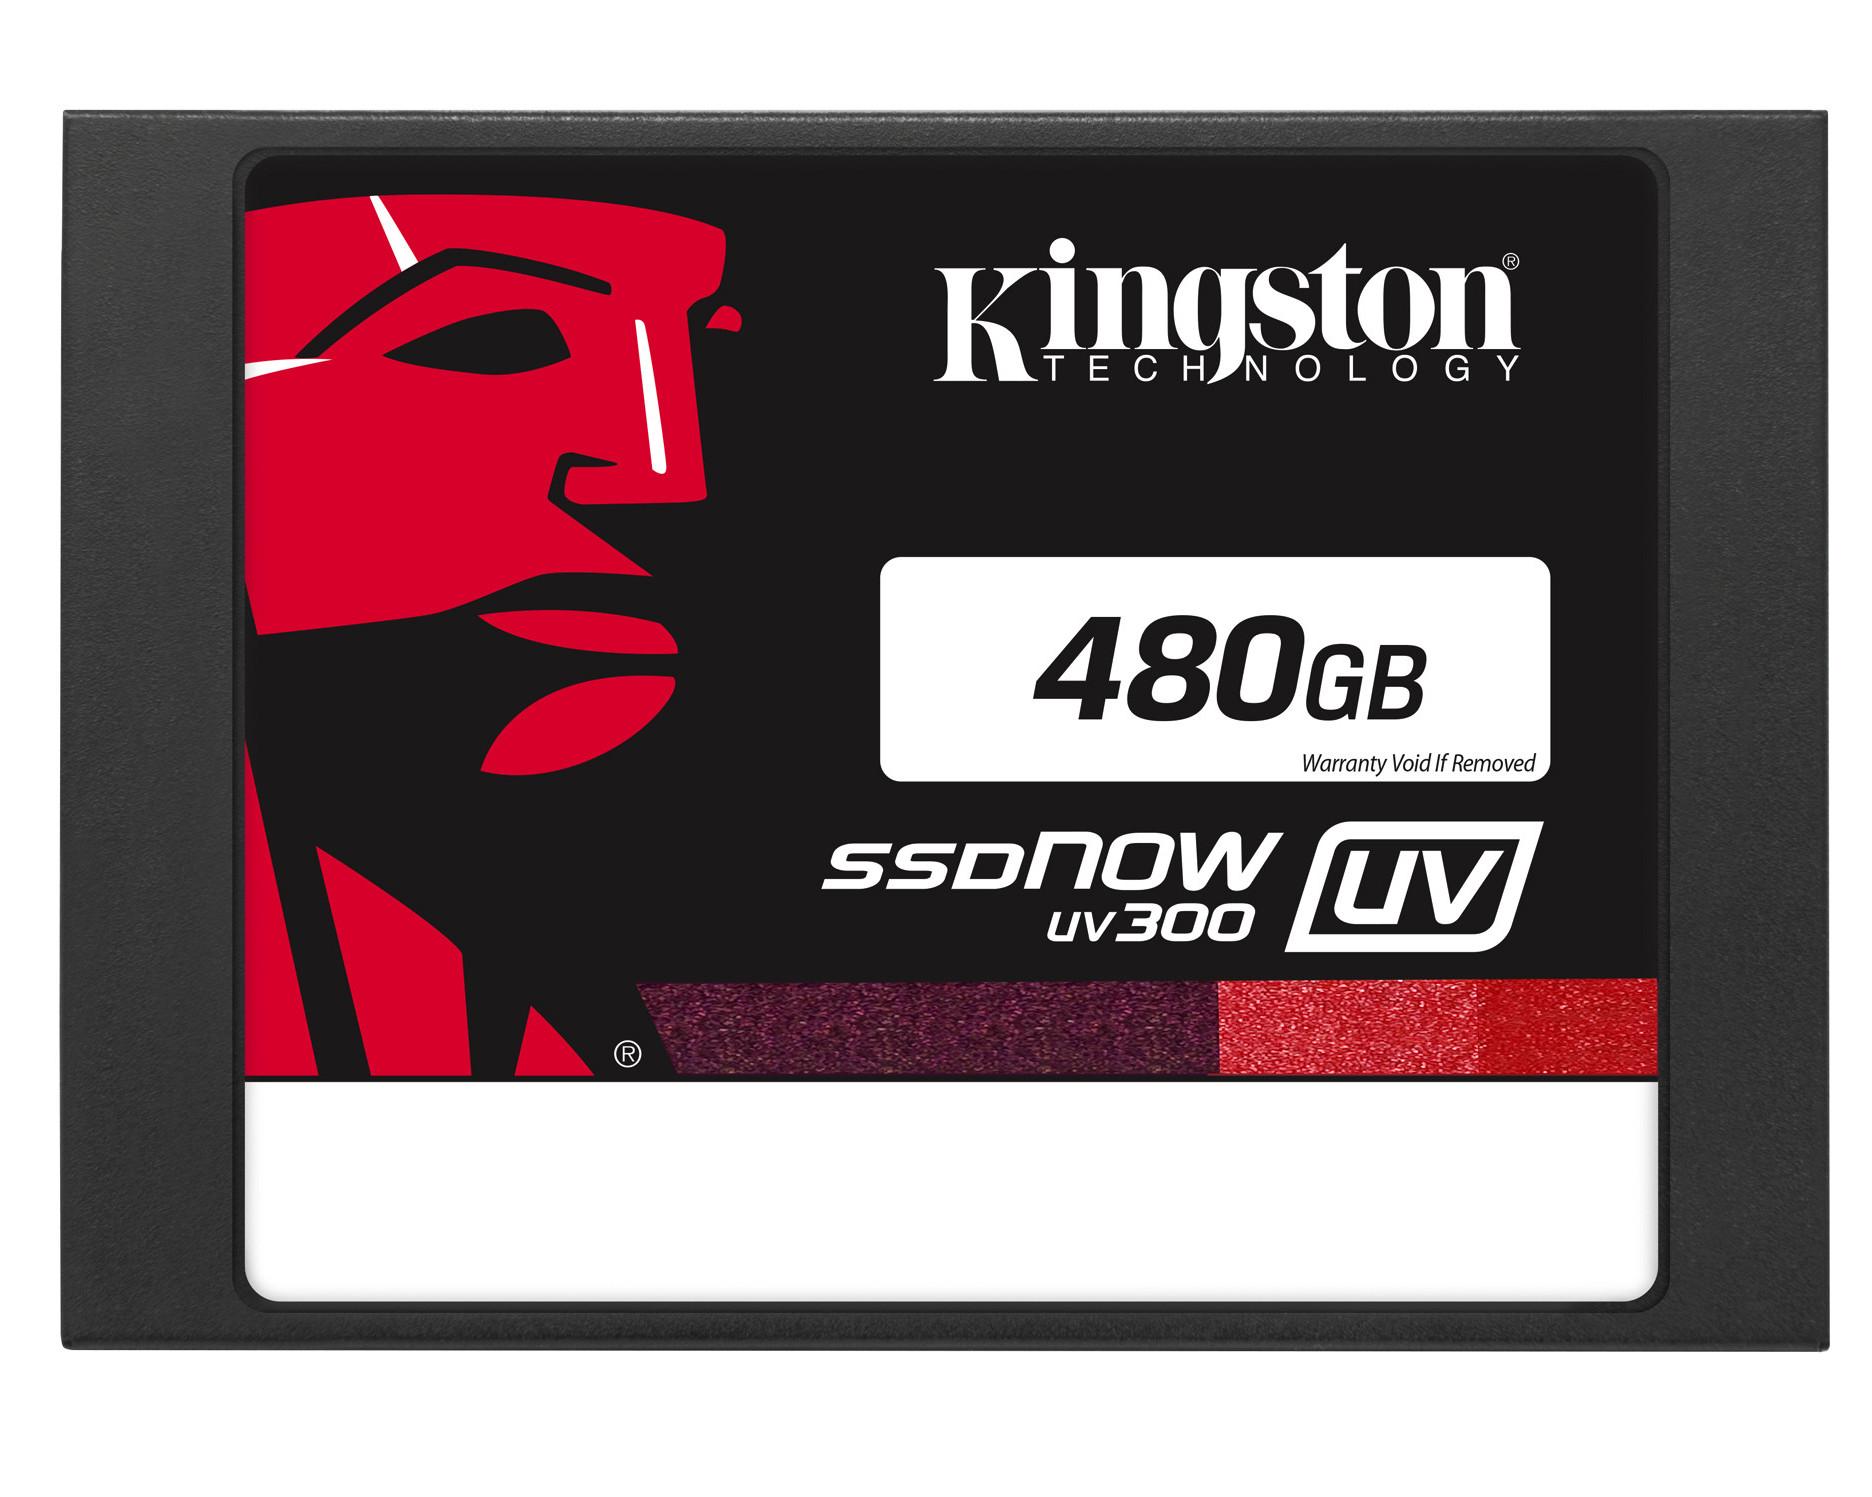 UV300480G_SUV300S37A_480GB_s_hr_12_10_201516_28